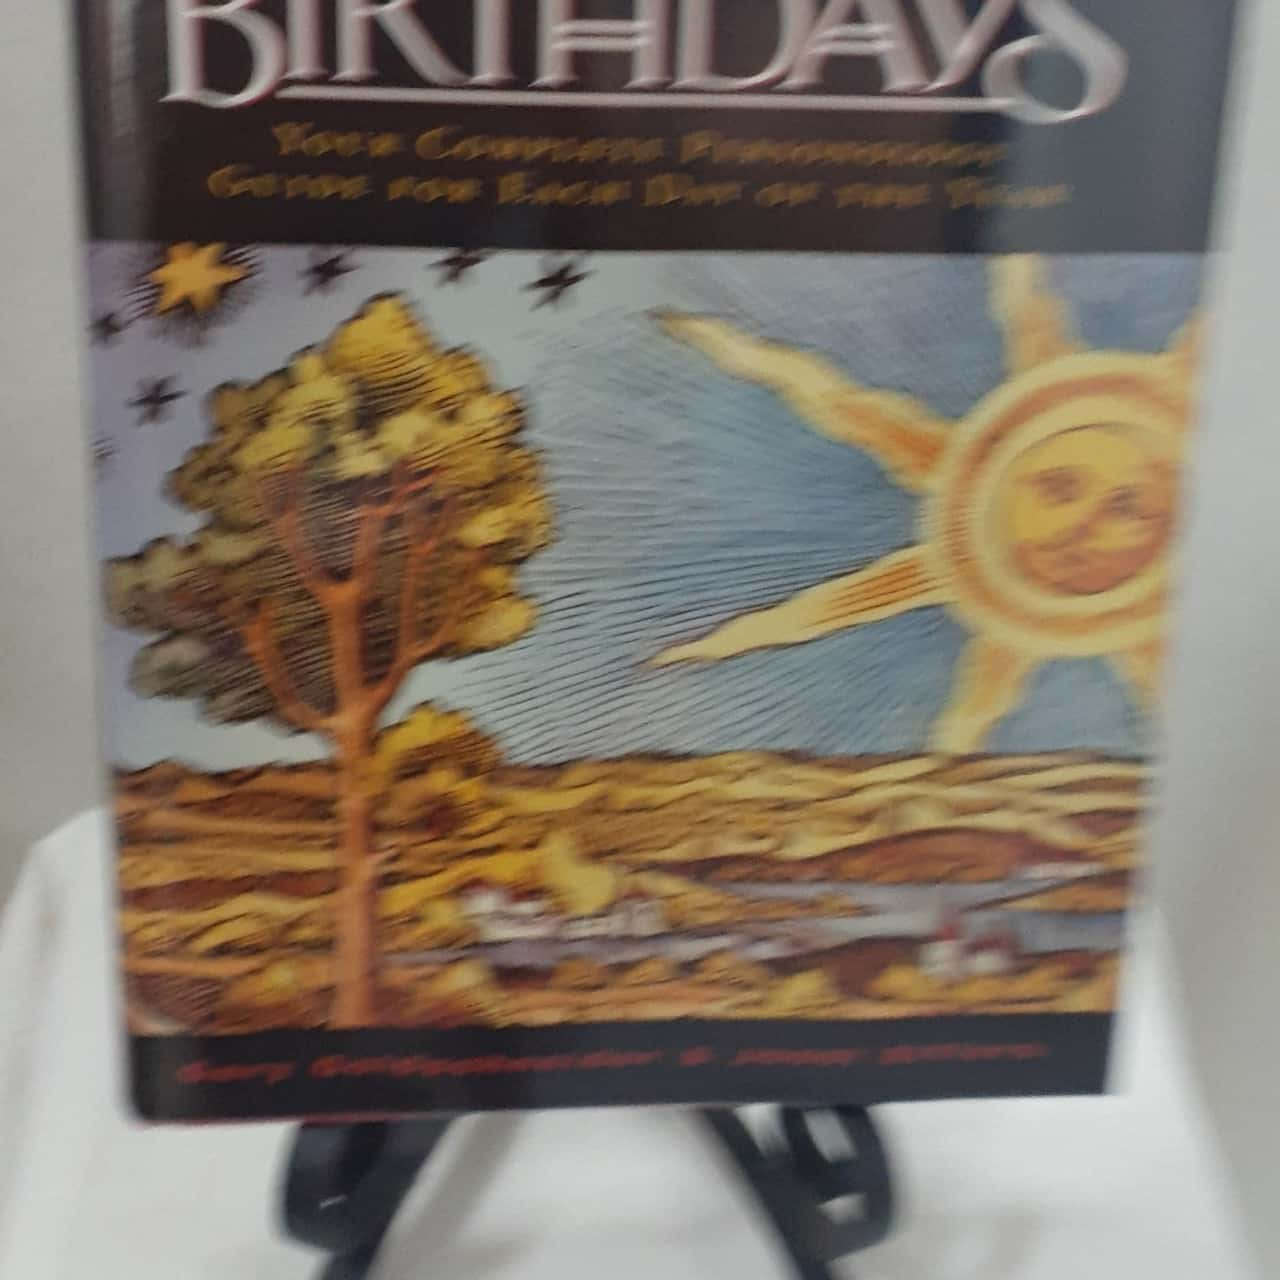 *REDUCED* Secret Language of Birthdays by Gary Goldschneider & Elfers Goldschneider